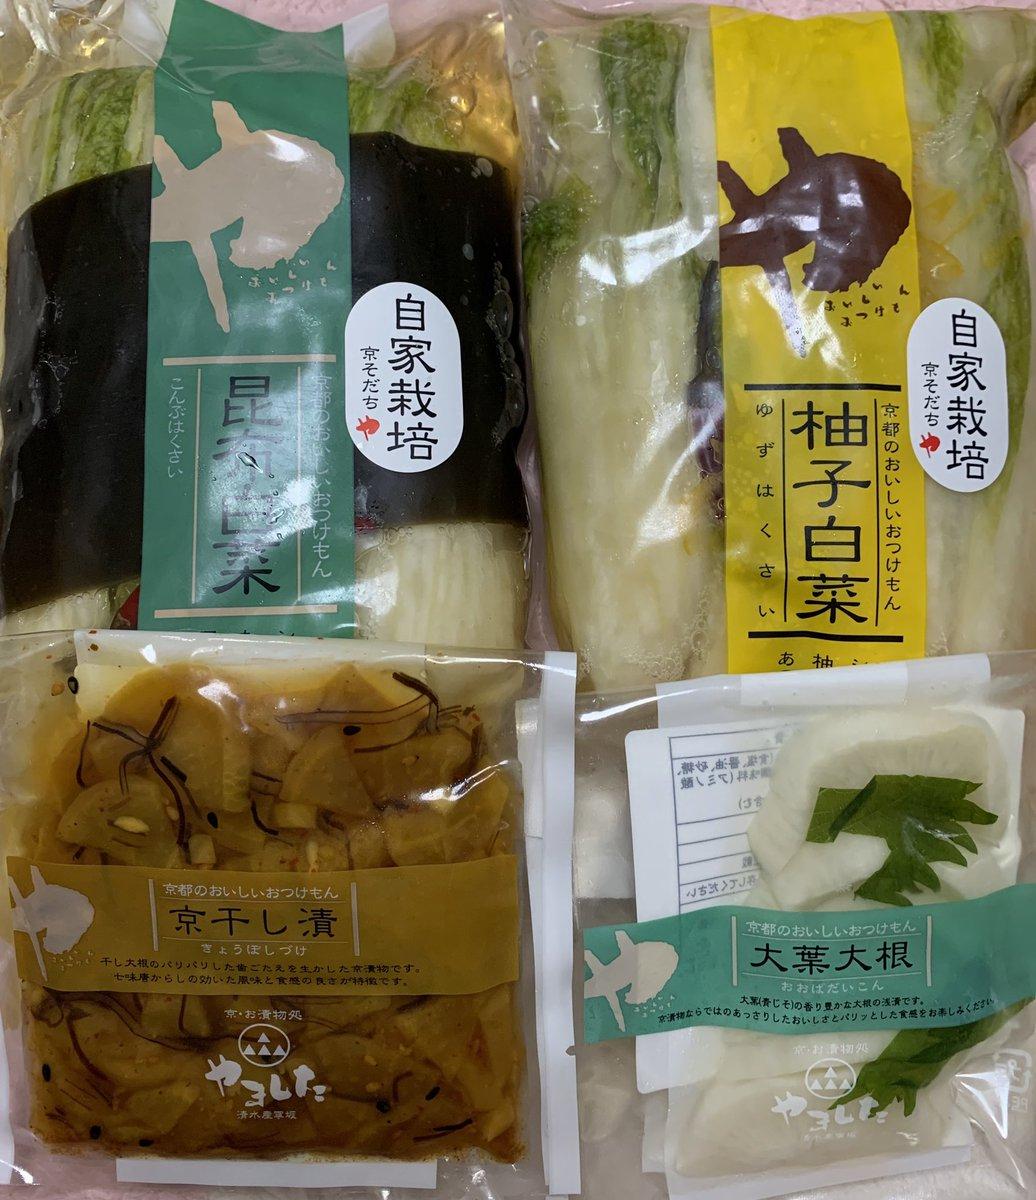 test ツイッターメディア - 本日の京都戦利品 緑寿庵清水の金平糖 限定のヨーグルト 桃 イチゴ レモン みかん メロン 巨峰 サイダー りんご  やましたのお漬物 昆布白菜と柚子白菜 下2つはサービスでもらった  琥珀糖 横の半生菓子はサービスでもらった https://t.co/DgsuOuRA1f